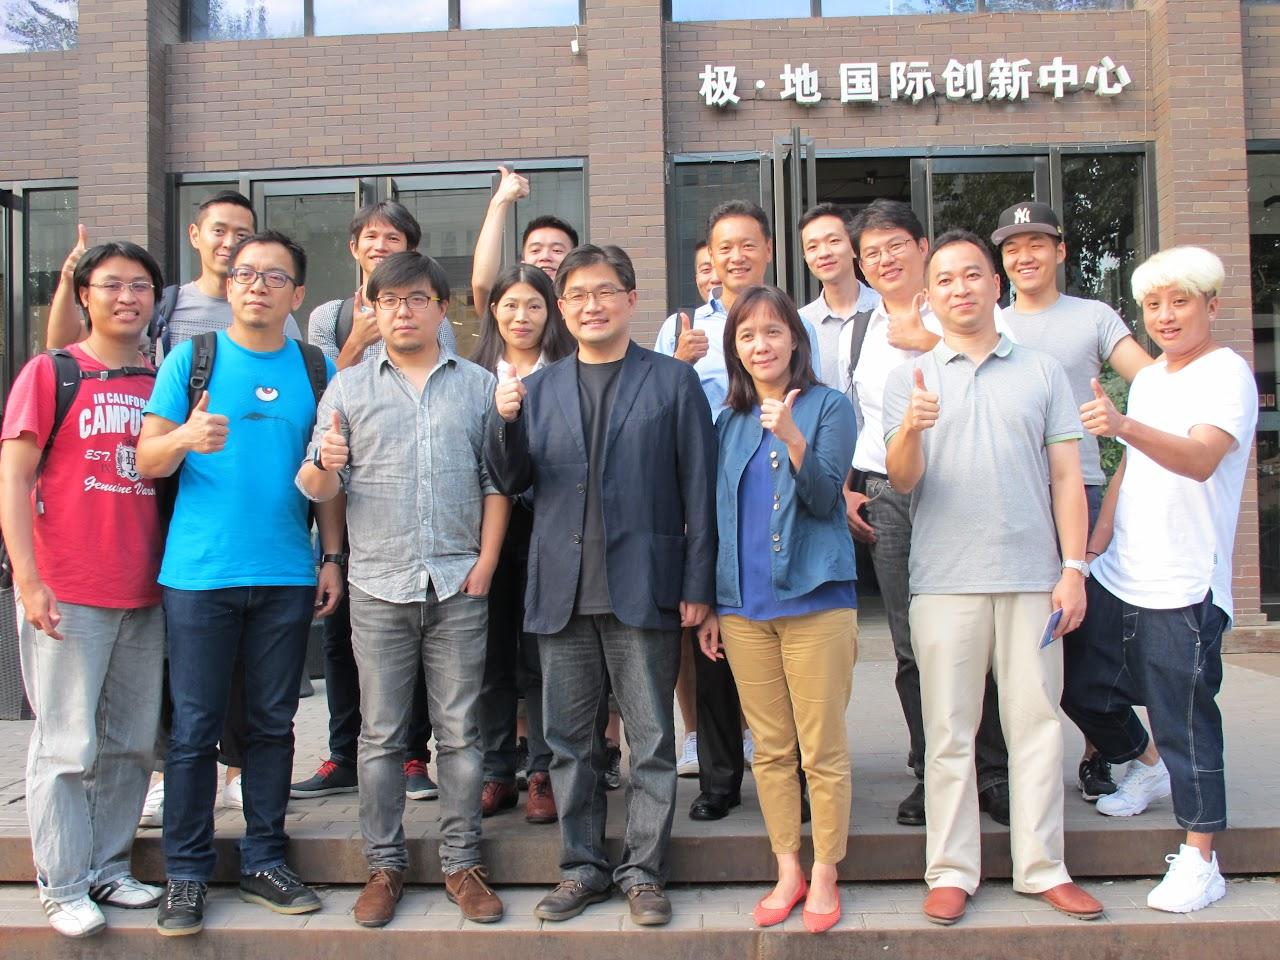 [Meet 北京]動點科技創辦人盧剛:大眾創新不是壞事,但仍交給市場「大浪淘沙」